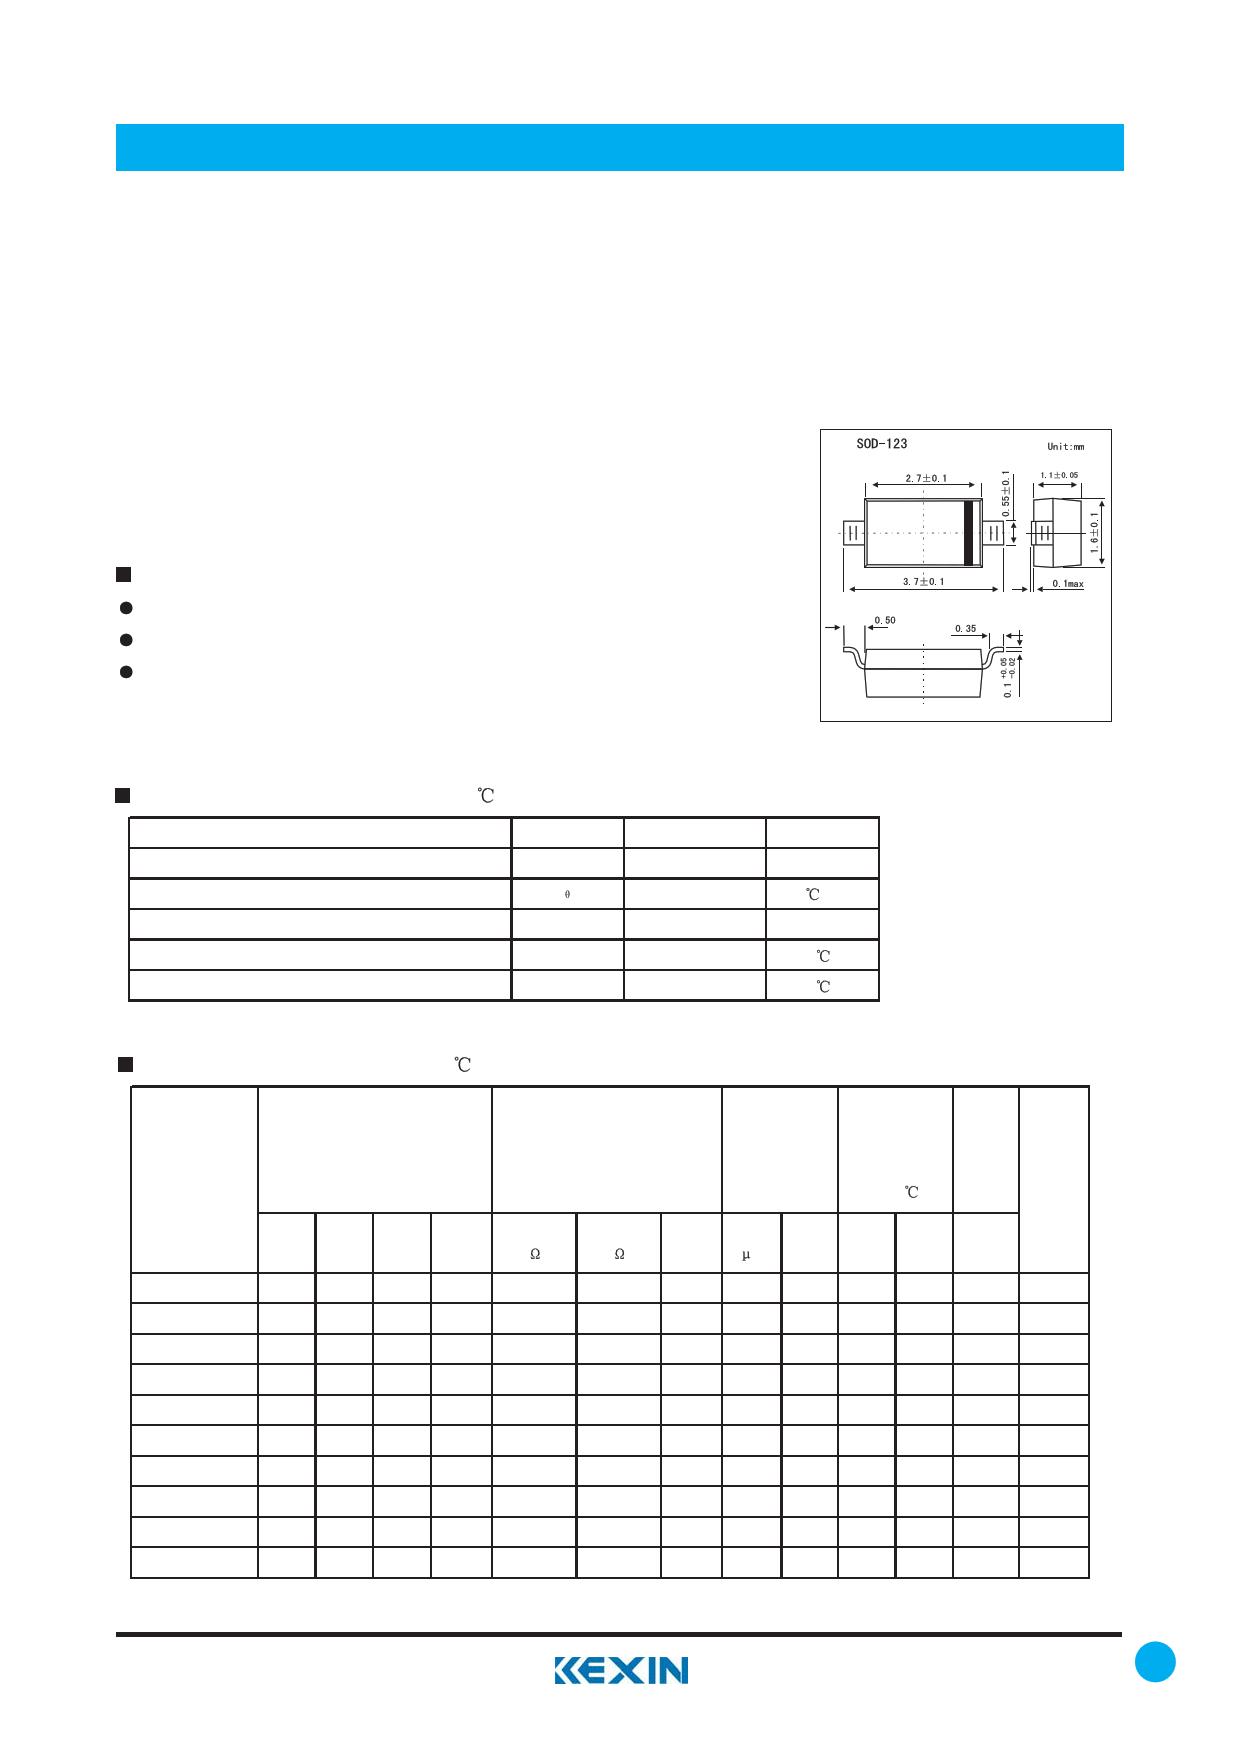 BZT52C15 Datasheet, BZT52C15 PDF,ピン配置, 機能